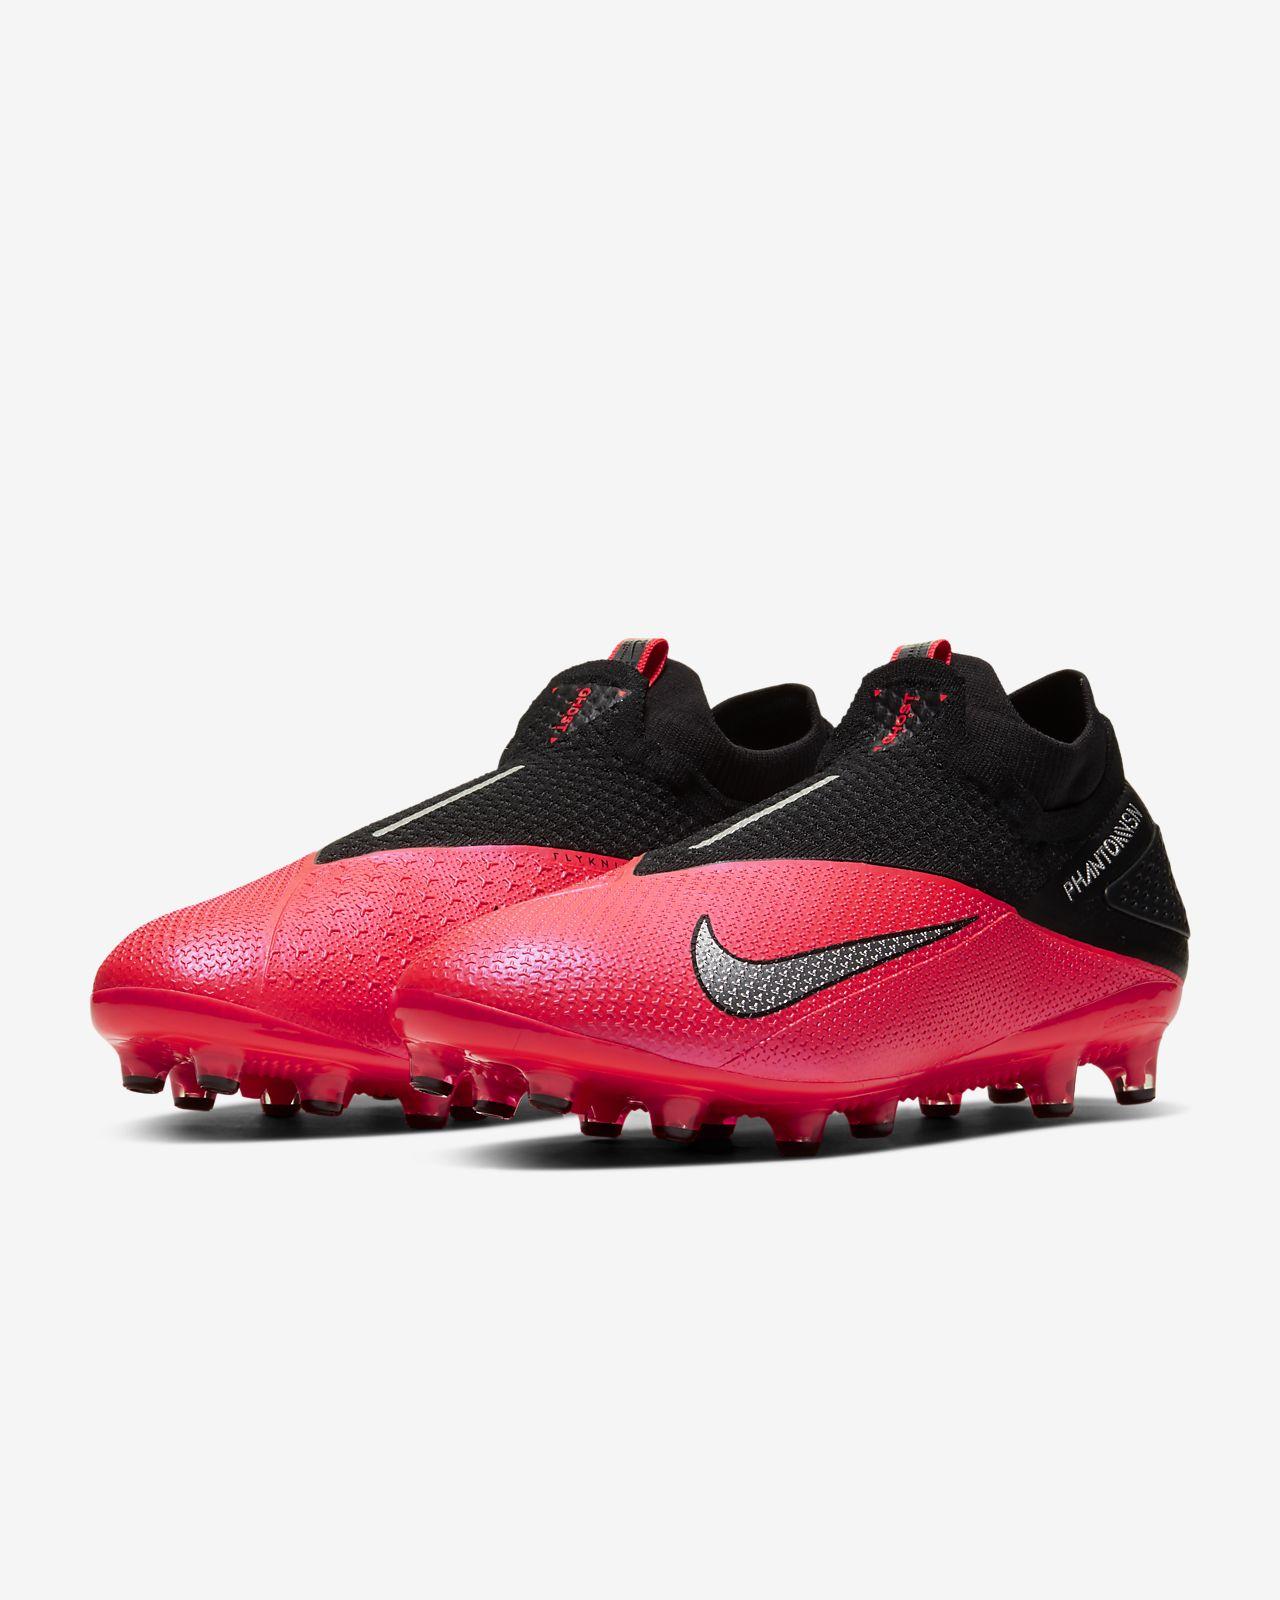 Nike Phantom Vision 2 Elite Dynamic Fit AG PRO fotballsko til kunstgress